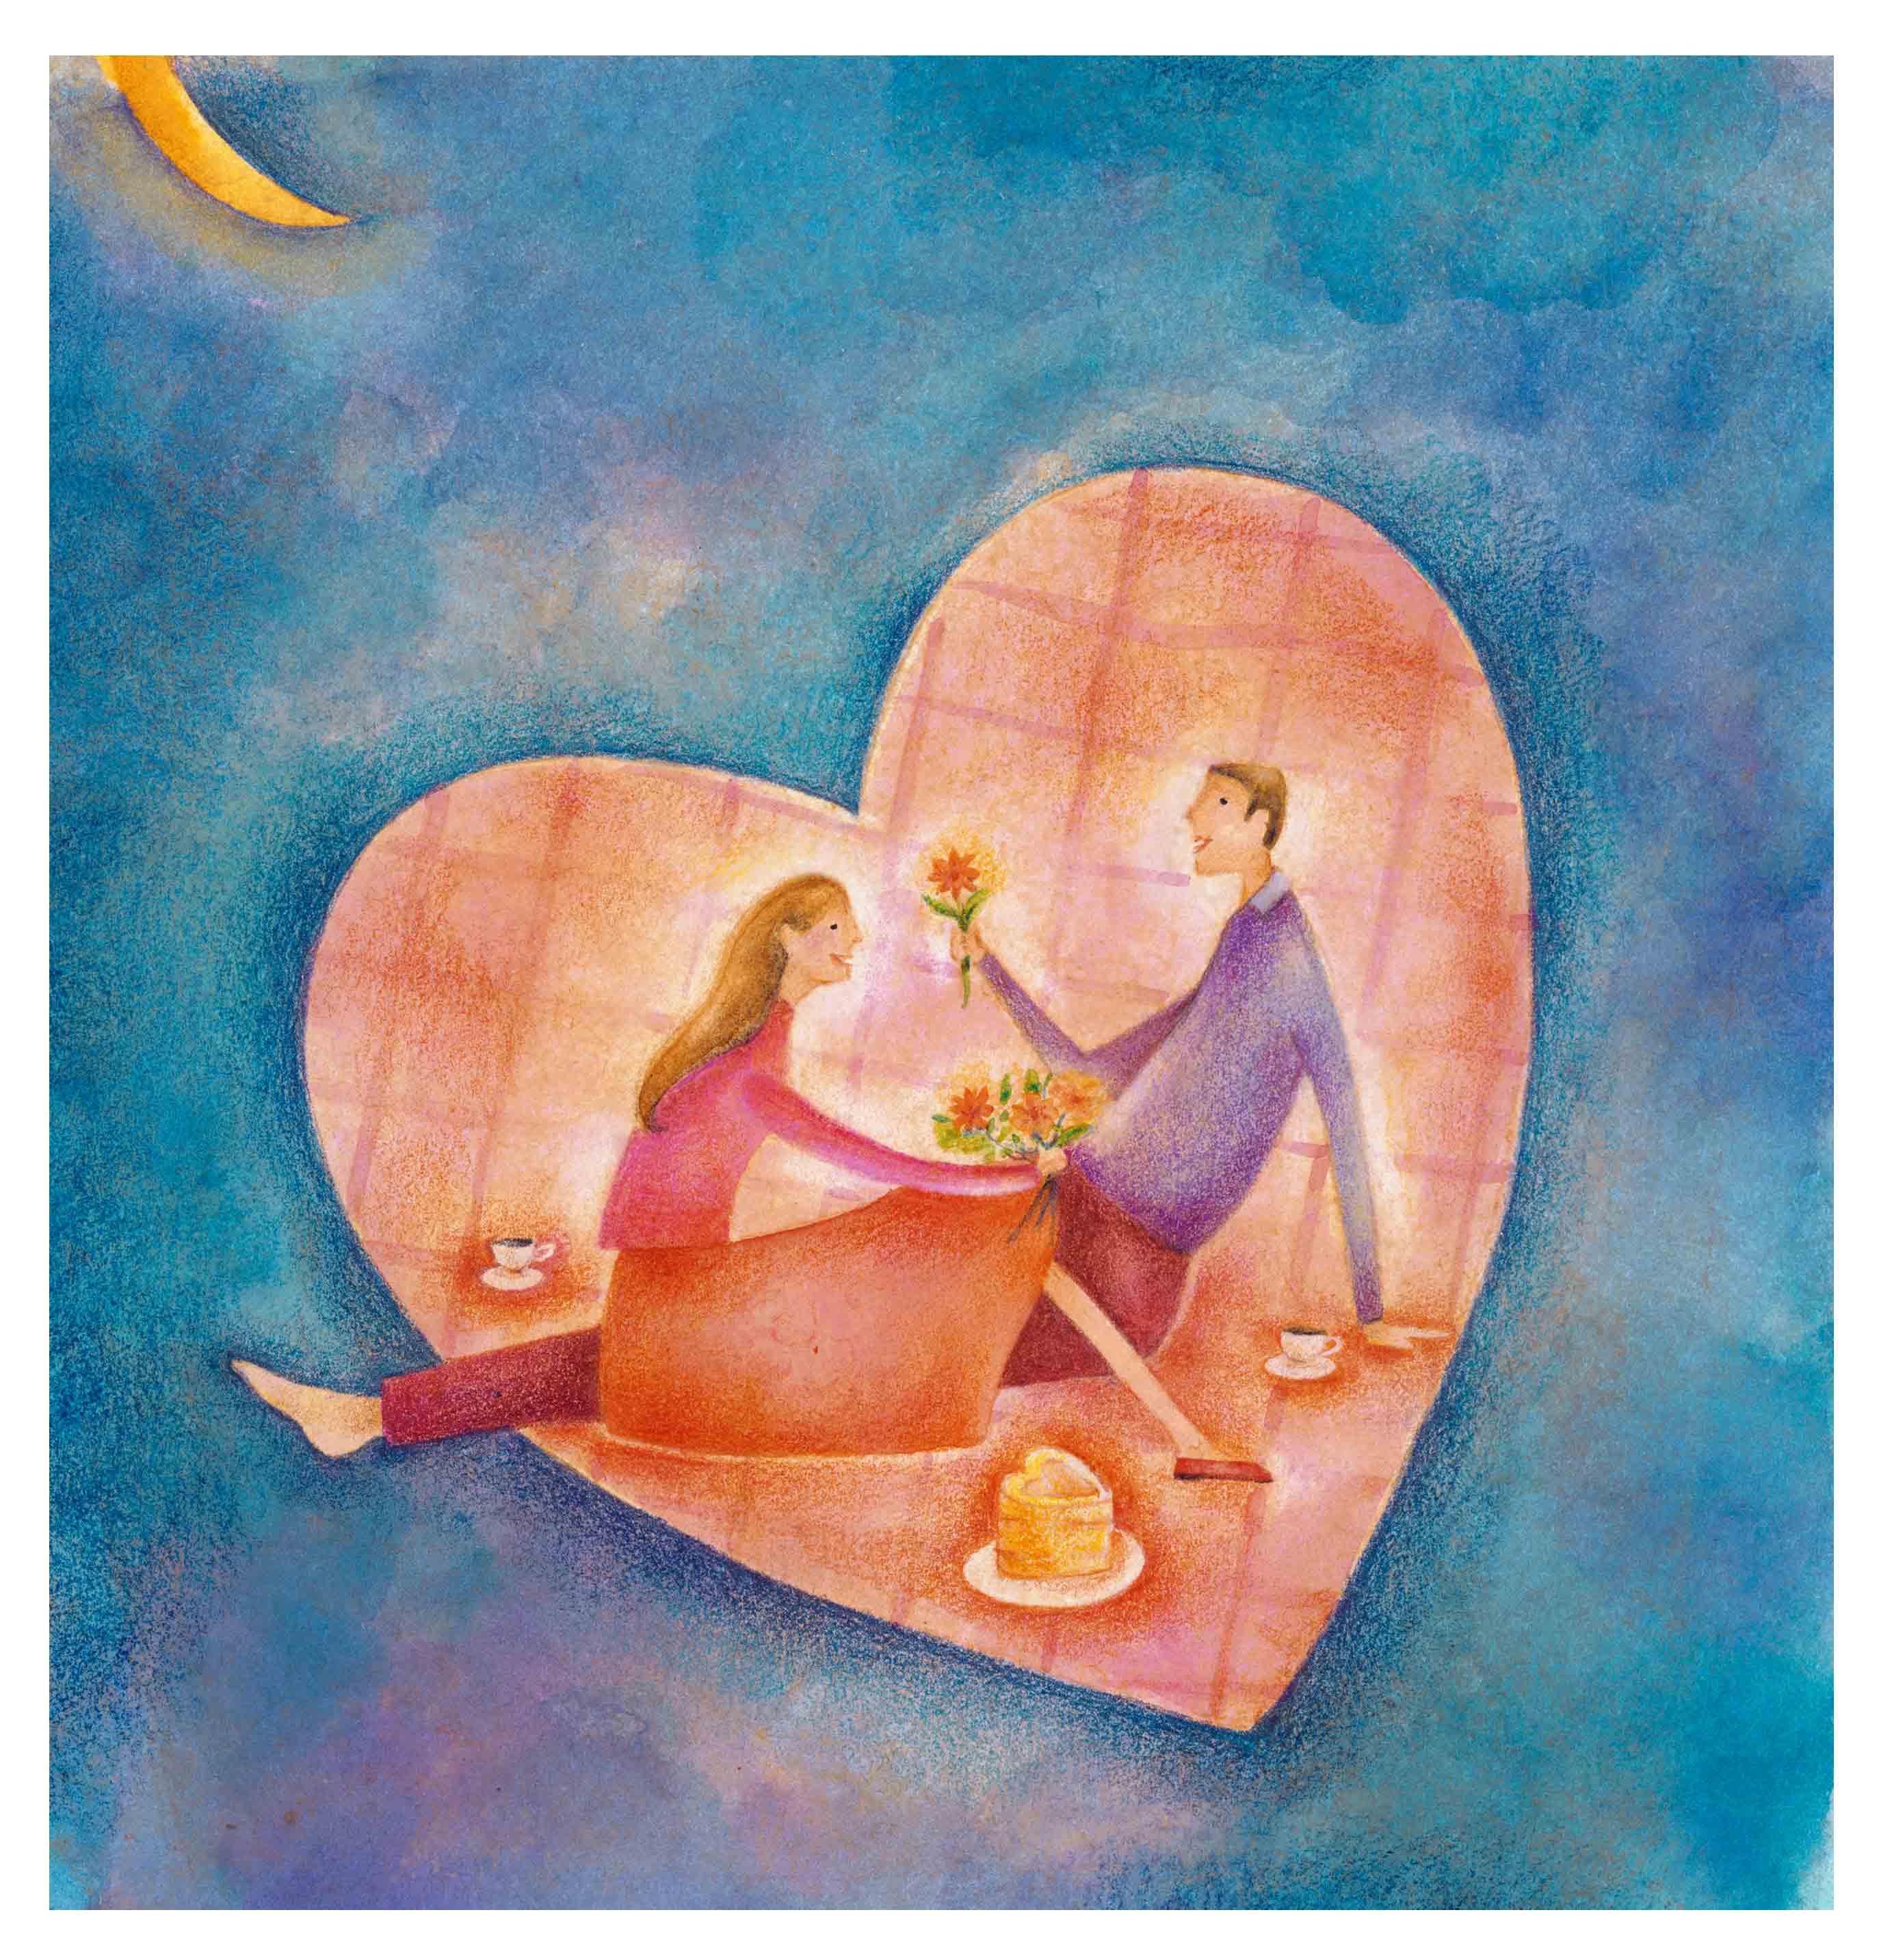 2002 Valentine's Day Card